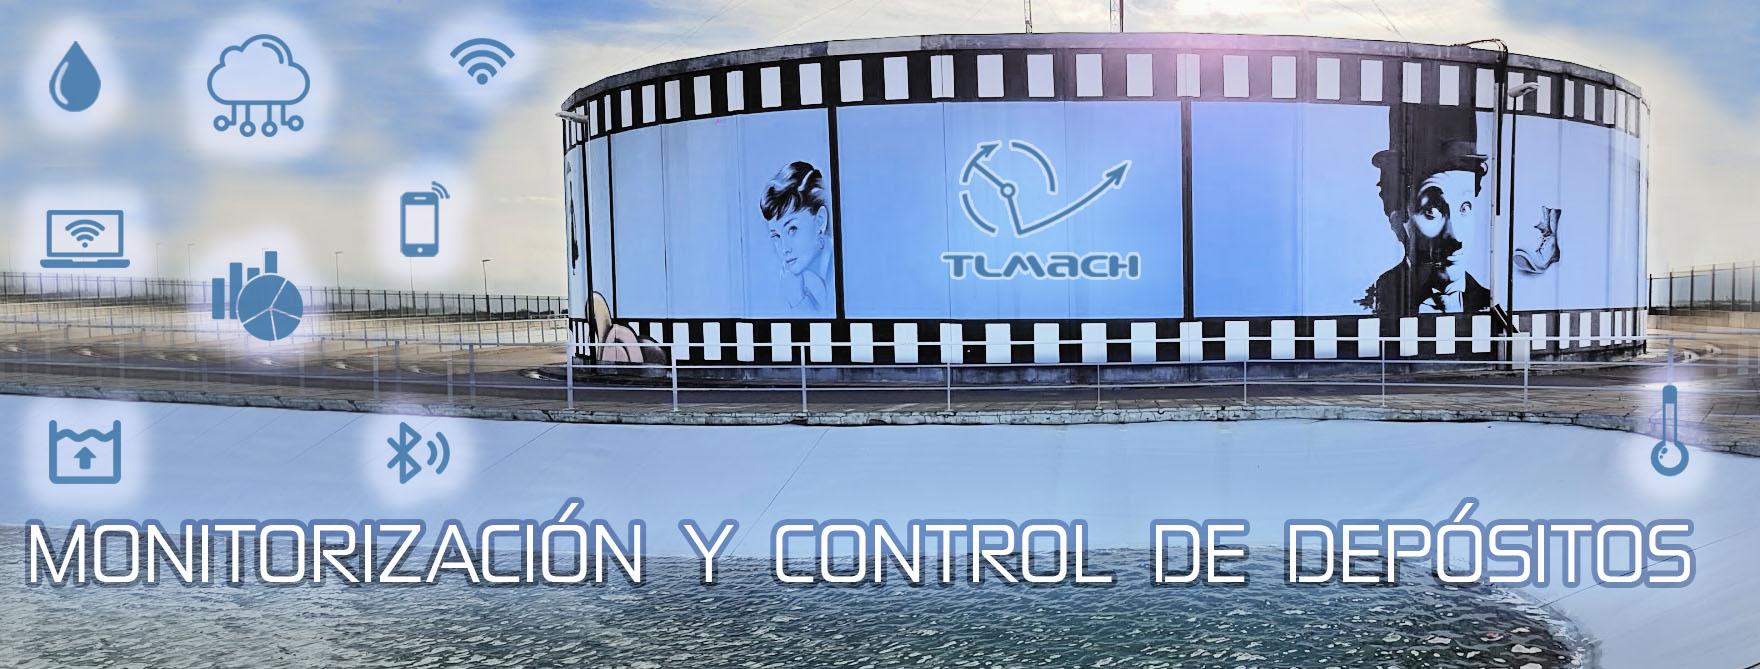 Monitorización y control de depósitos y silos